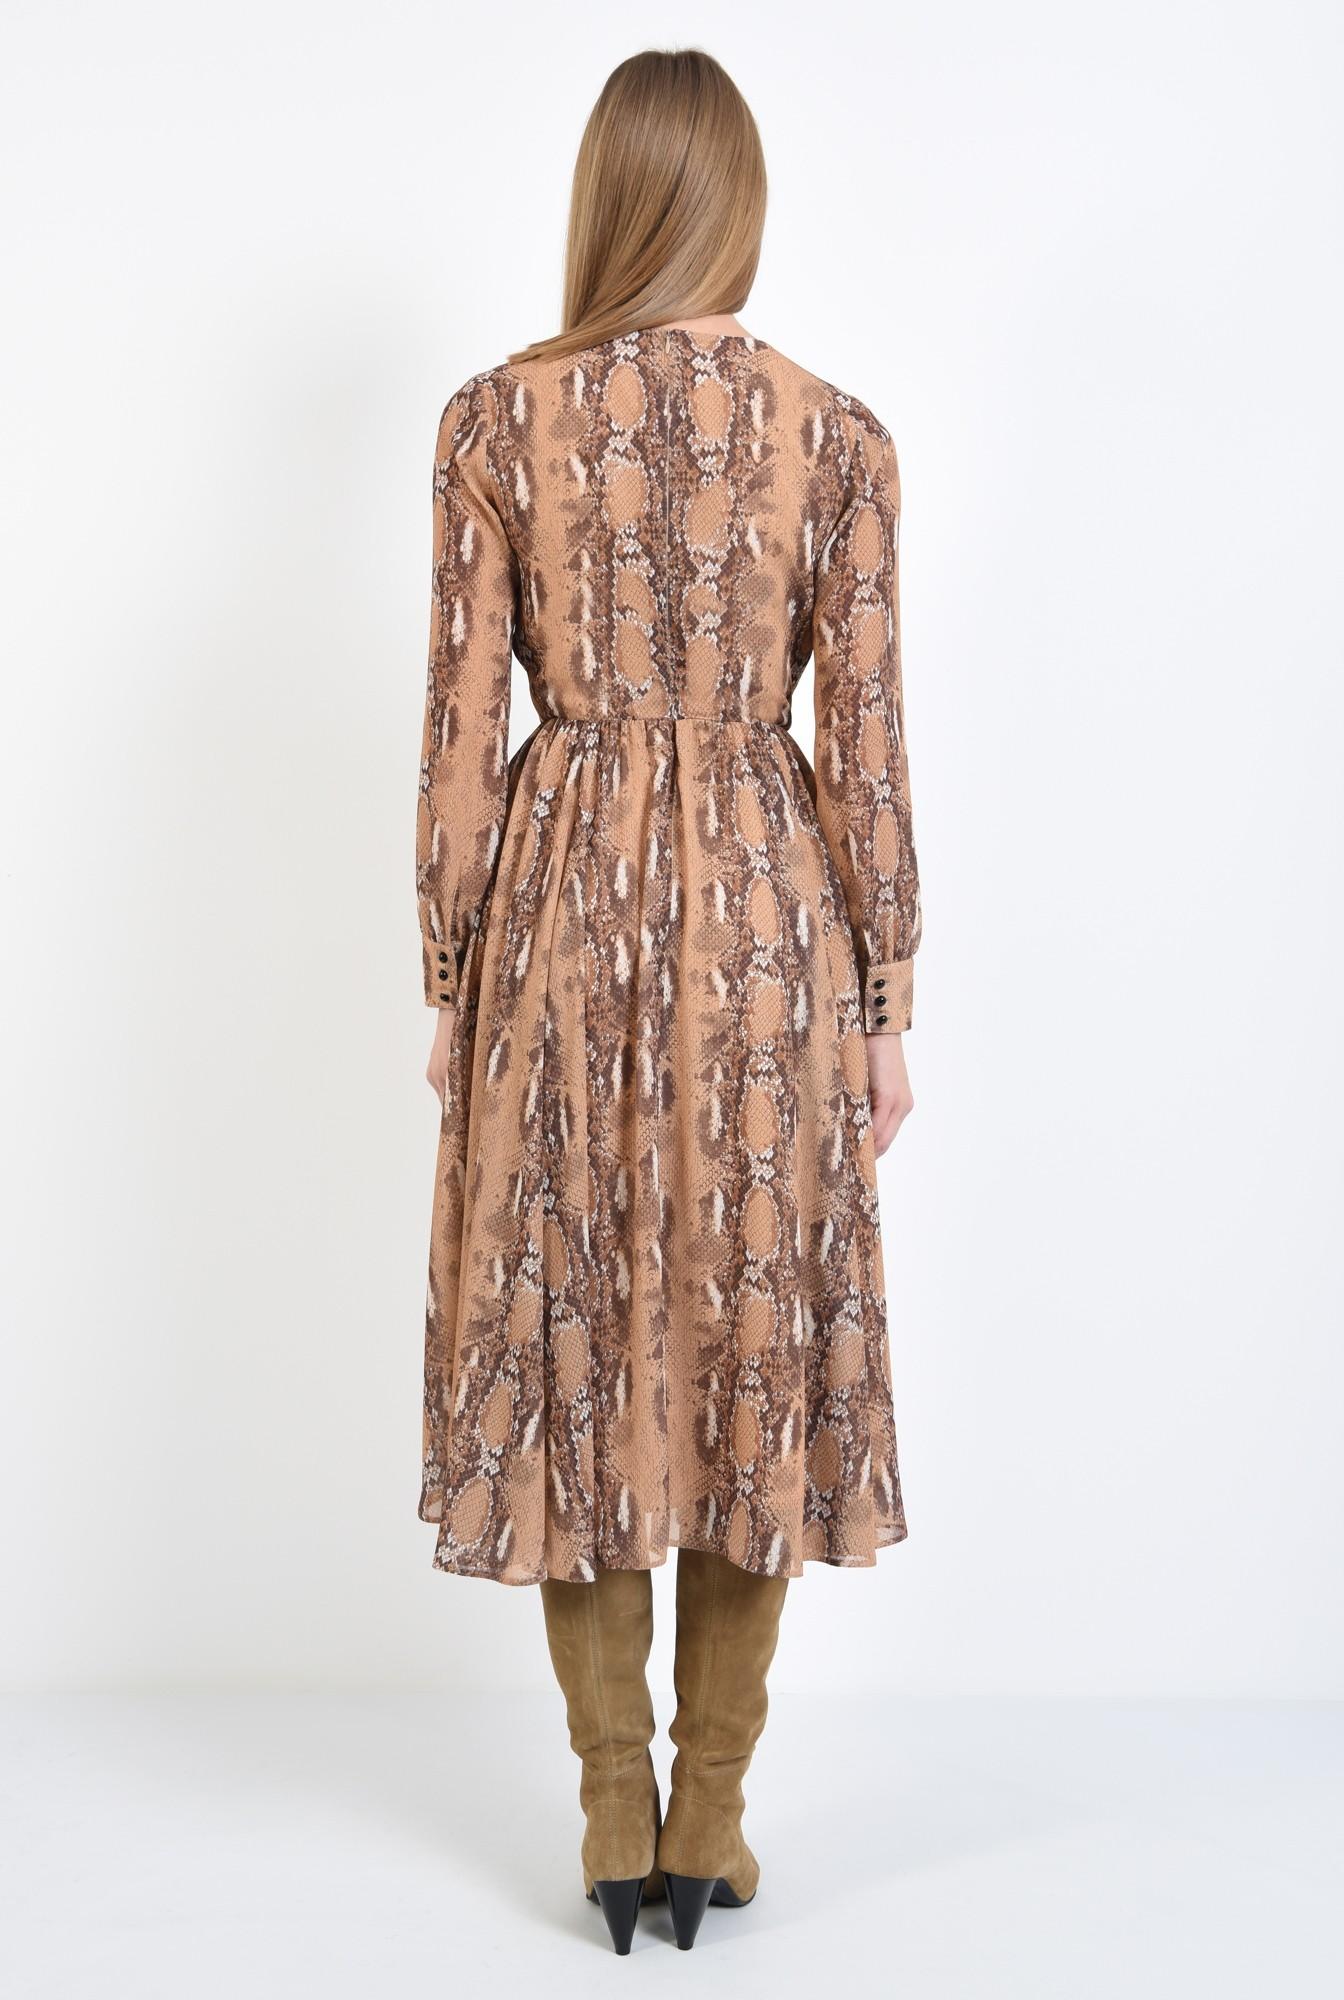 1 - rochie de zi, din voal imprimat, maneci lungi, decolteu la baza gatului